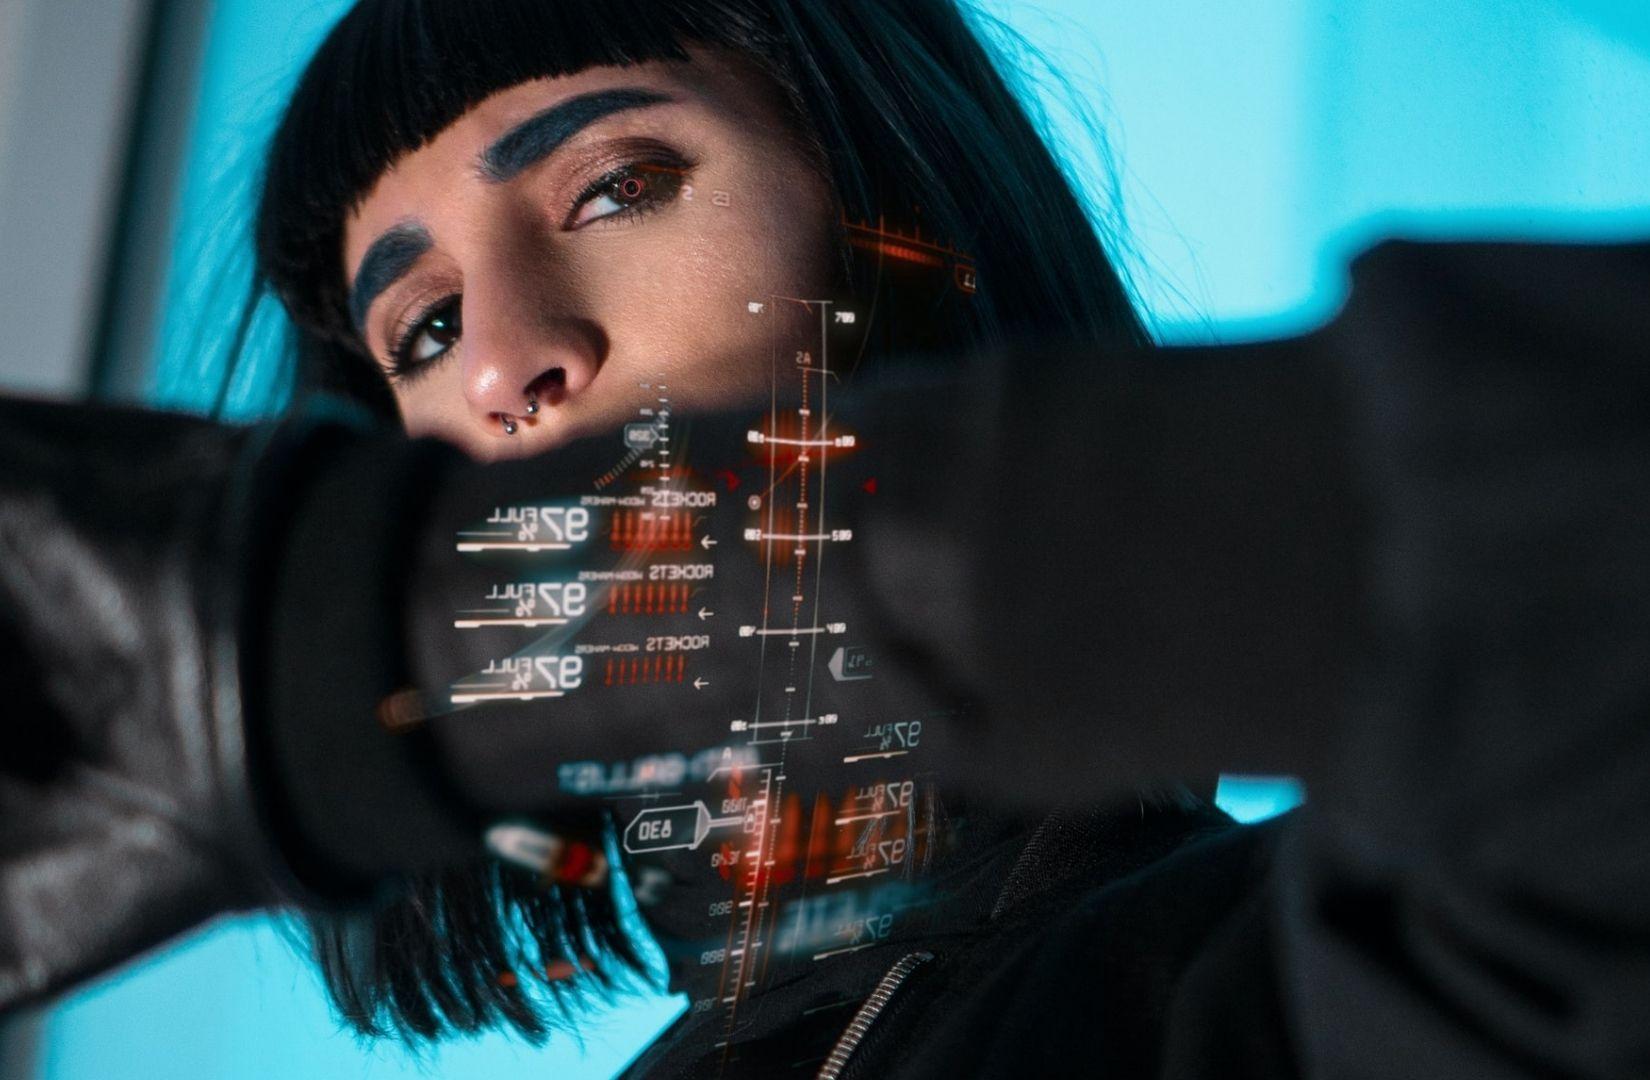 Bringt die Digitalisierung mehr Gerechtigkeit in die Welt. (Symbolfoto: Justin Peralta, Unsplash.com)